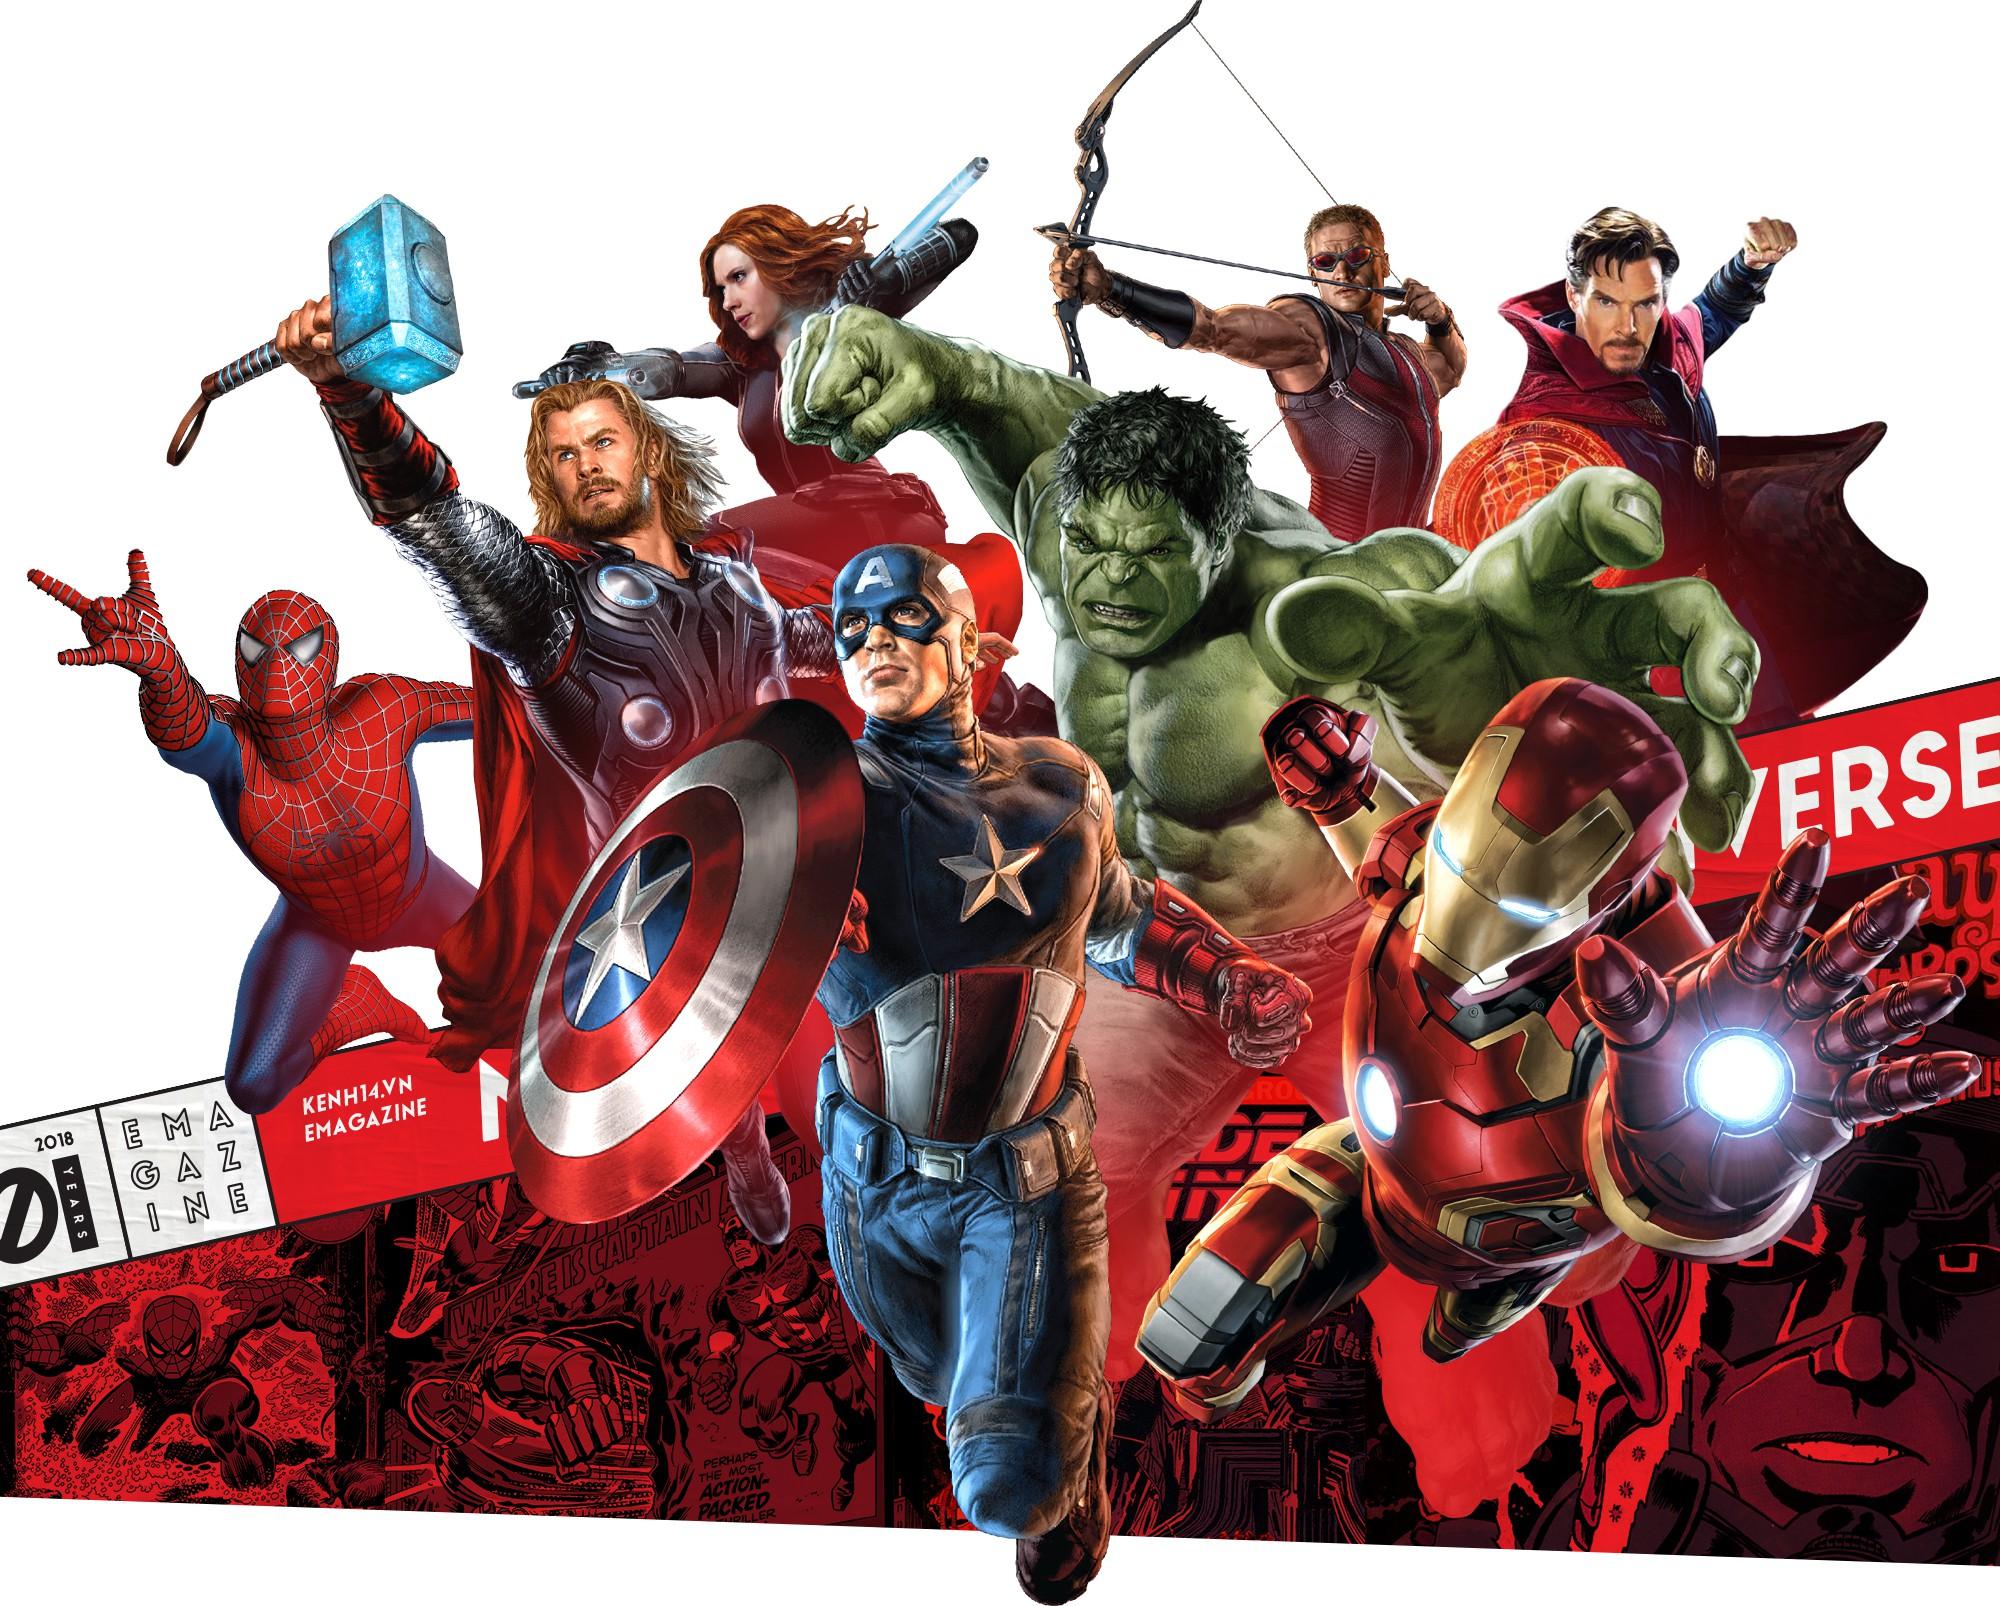 10 năm đi vào lịch sử làng điện ảnh của Marvel: Kỳ tích từ vực sâu phá sản cho đến người khổng lồ của đế chế phim siêu anh hùng - Ảnh 14.